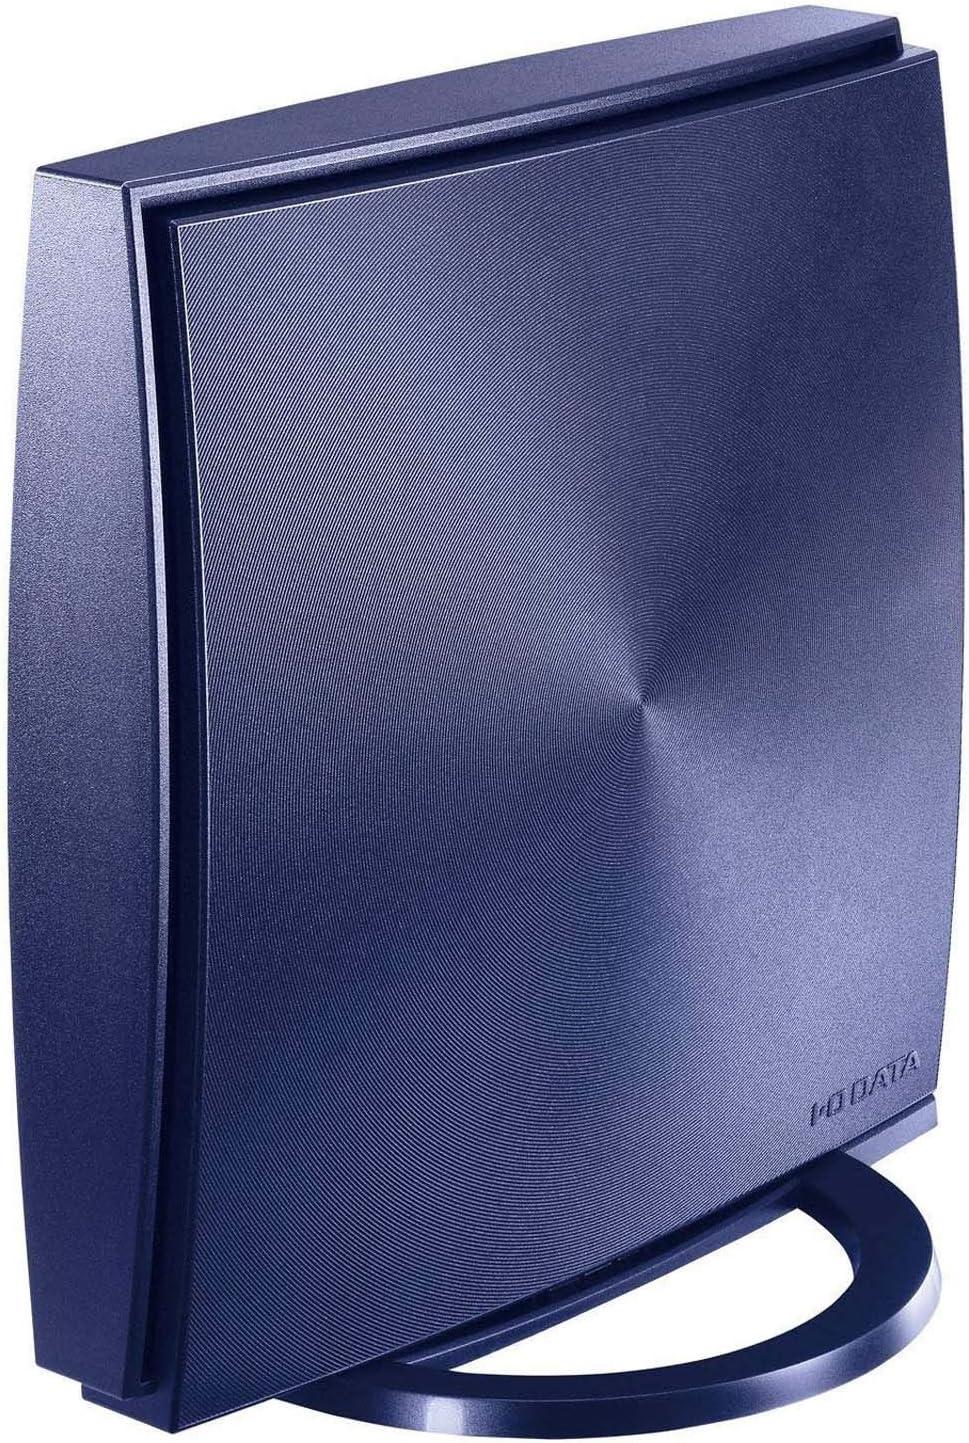 Wi-Fi5ルーター「NEC WG2200HP」